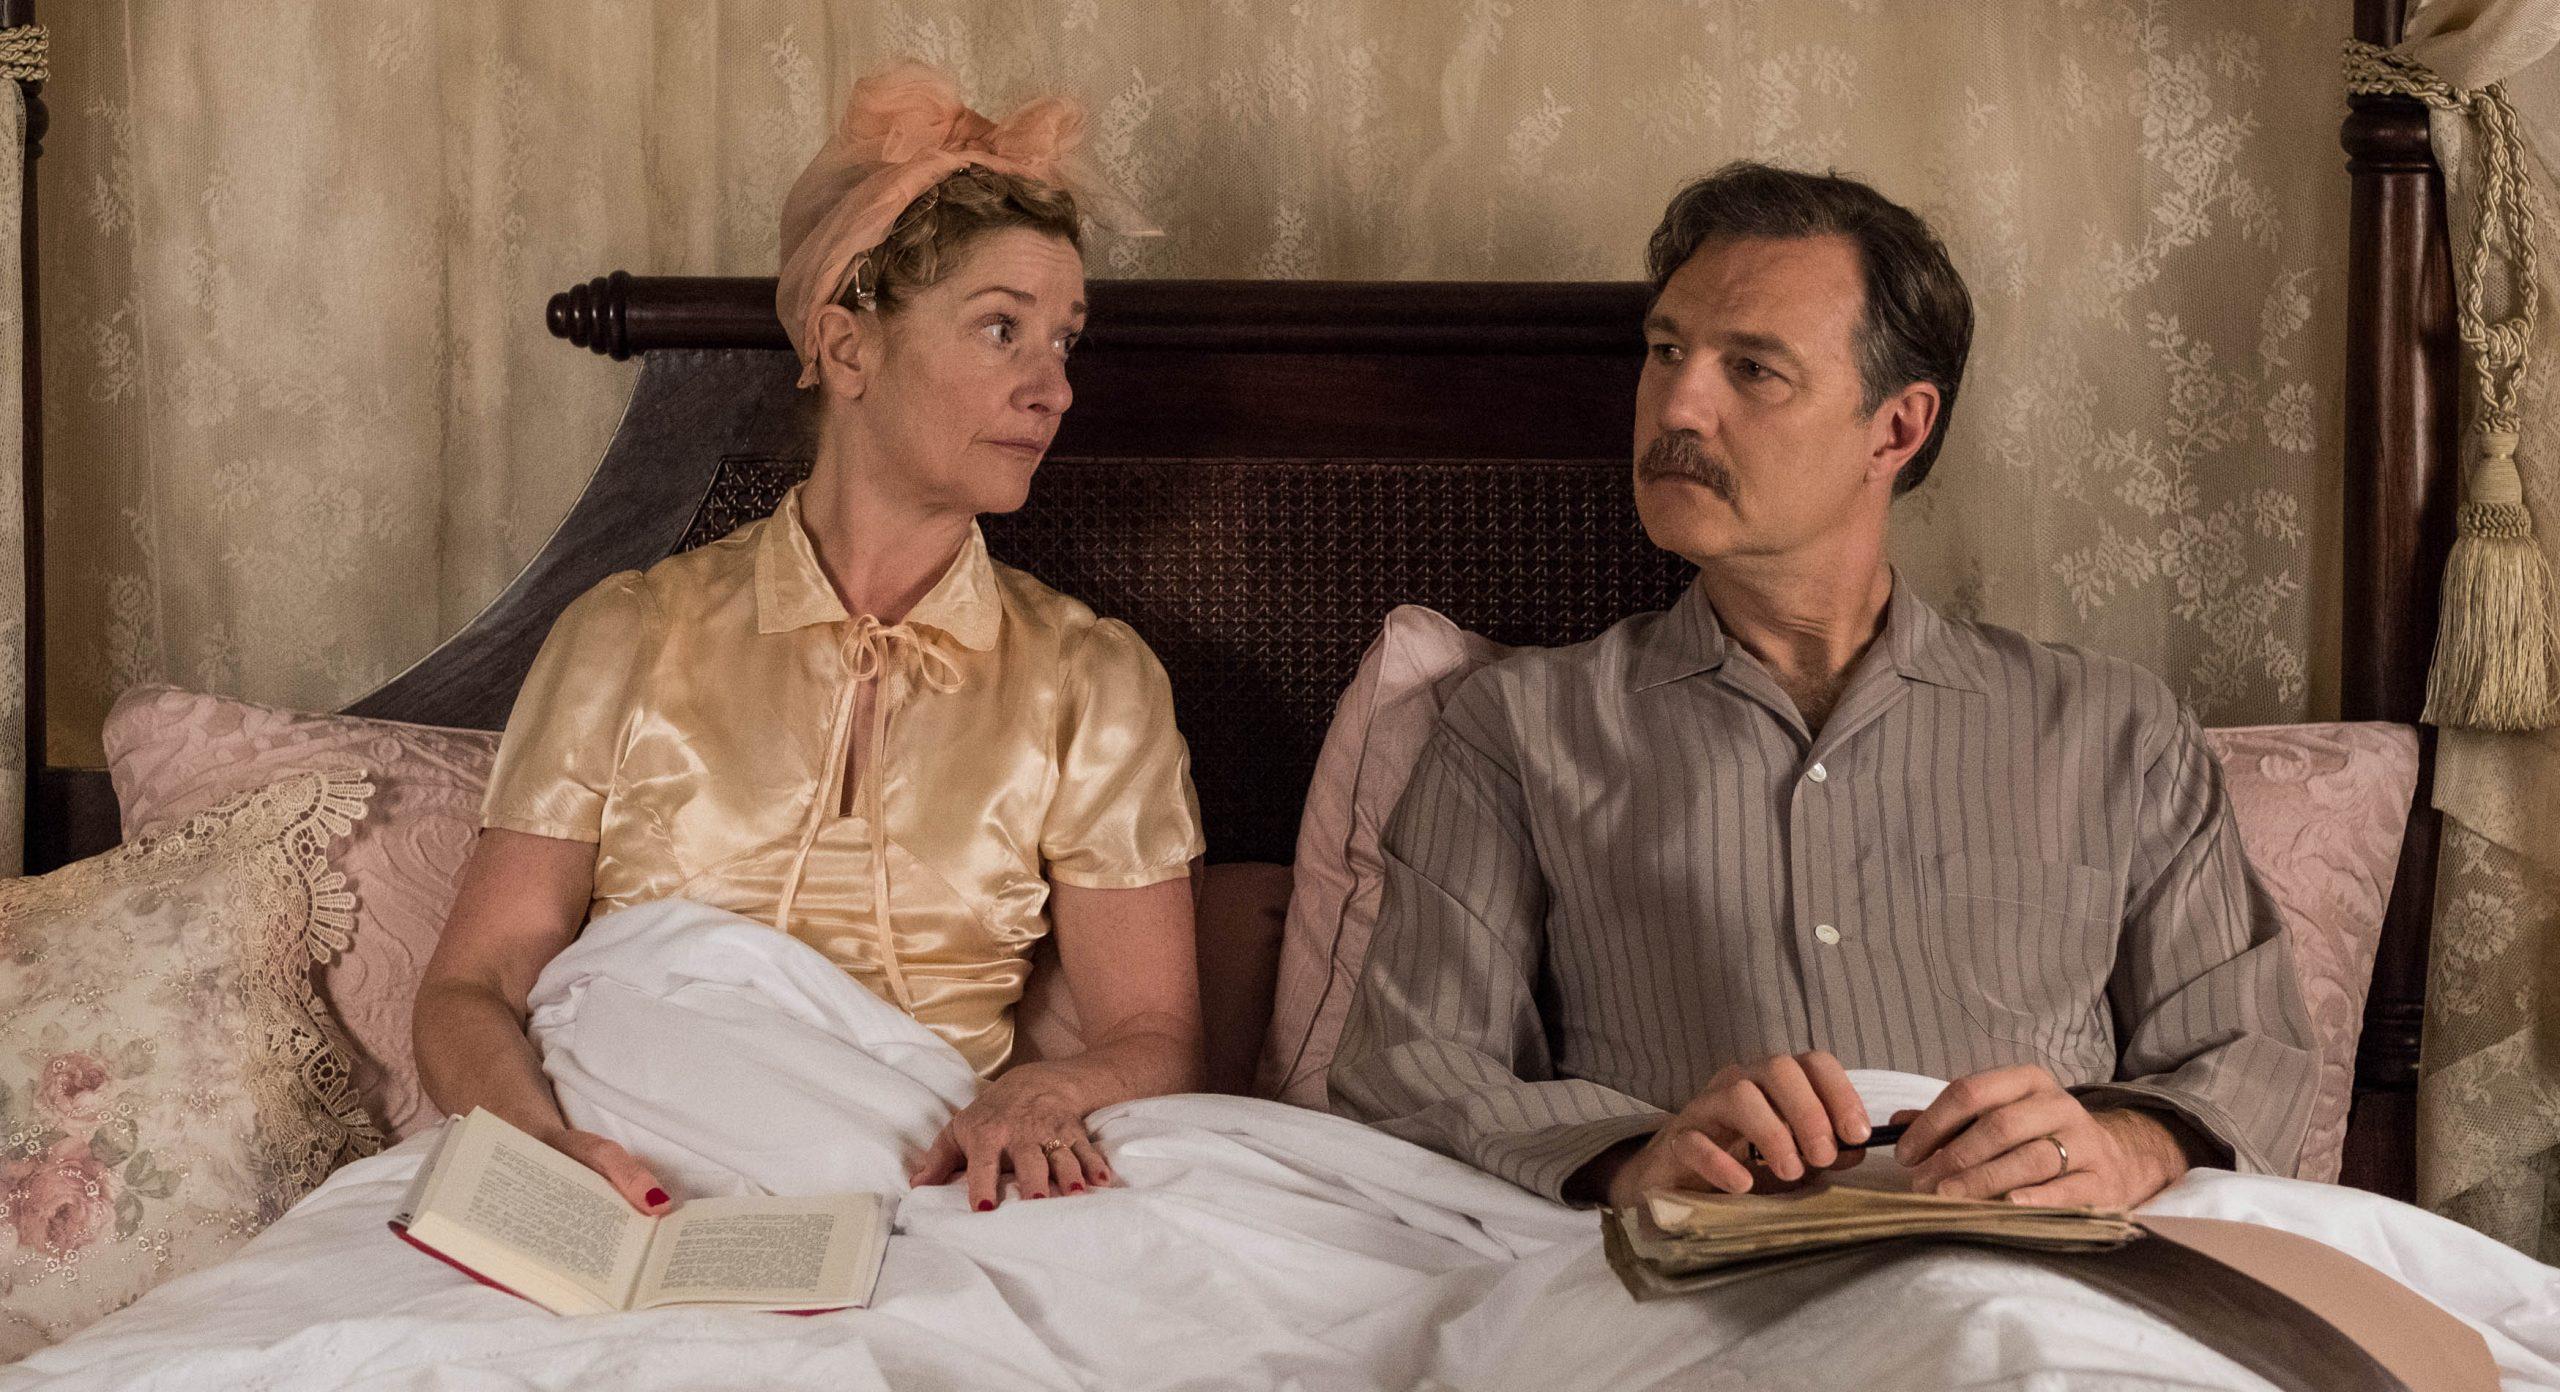 Sylvia y Walter Blackett discuten asuntos importantes antes de acostarse